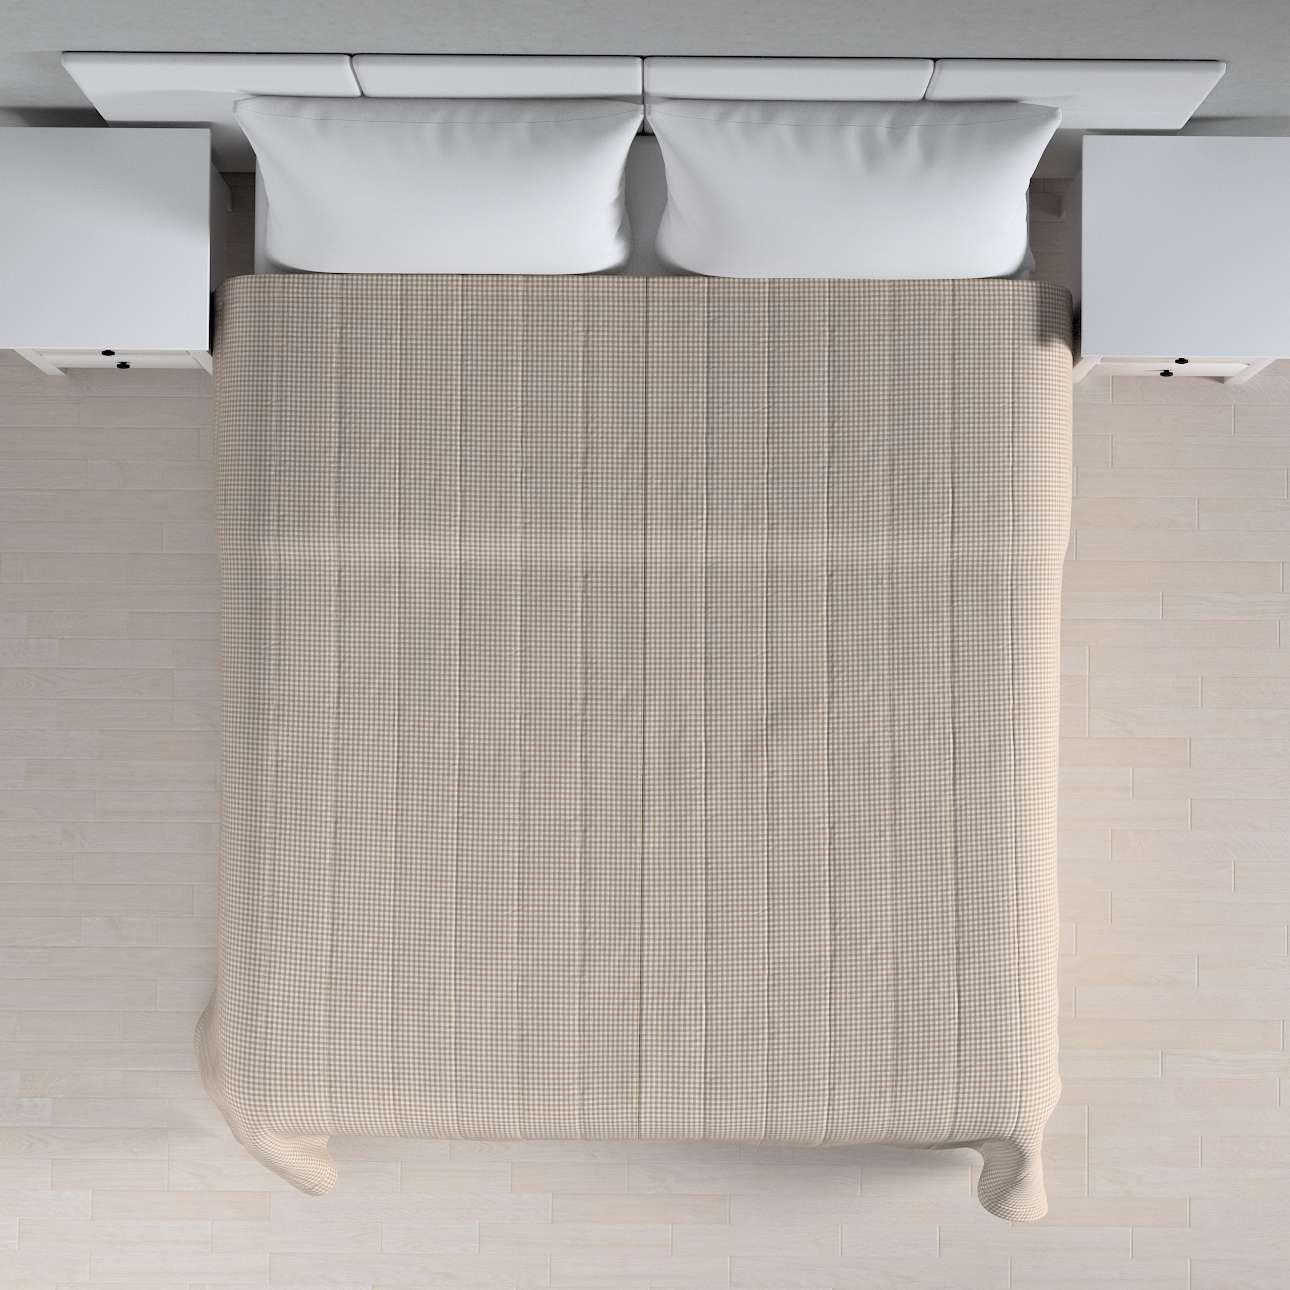 Einfacher Überwurf 260 x 210 cm von der Kollektion Quadro, Stoff: 136-05